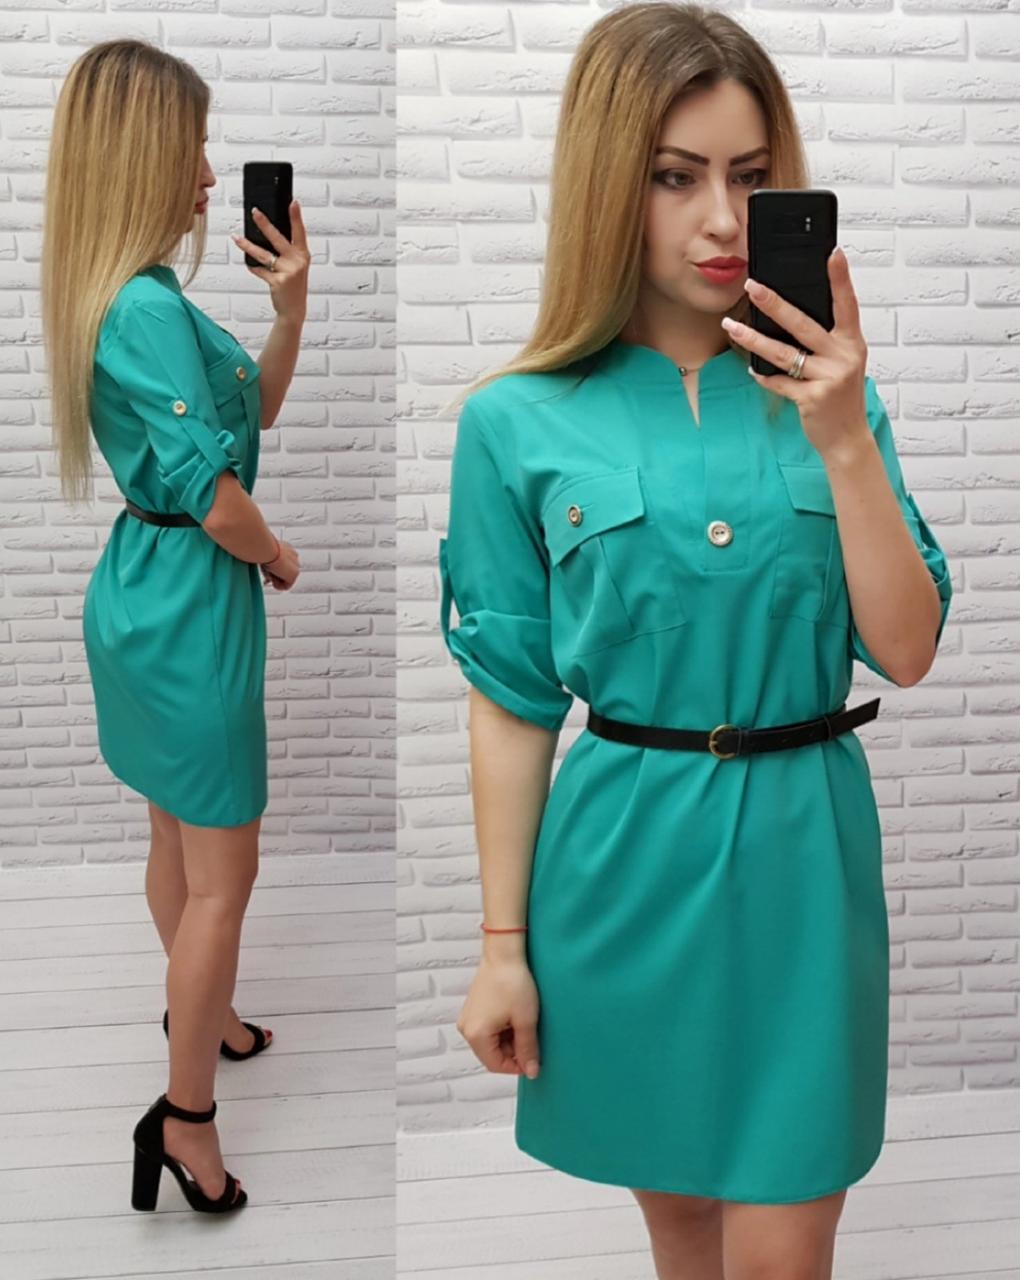 Платье с поясом арт. 198 мятное / мята / бирюзовое